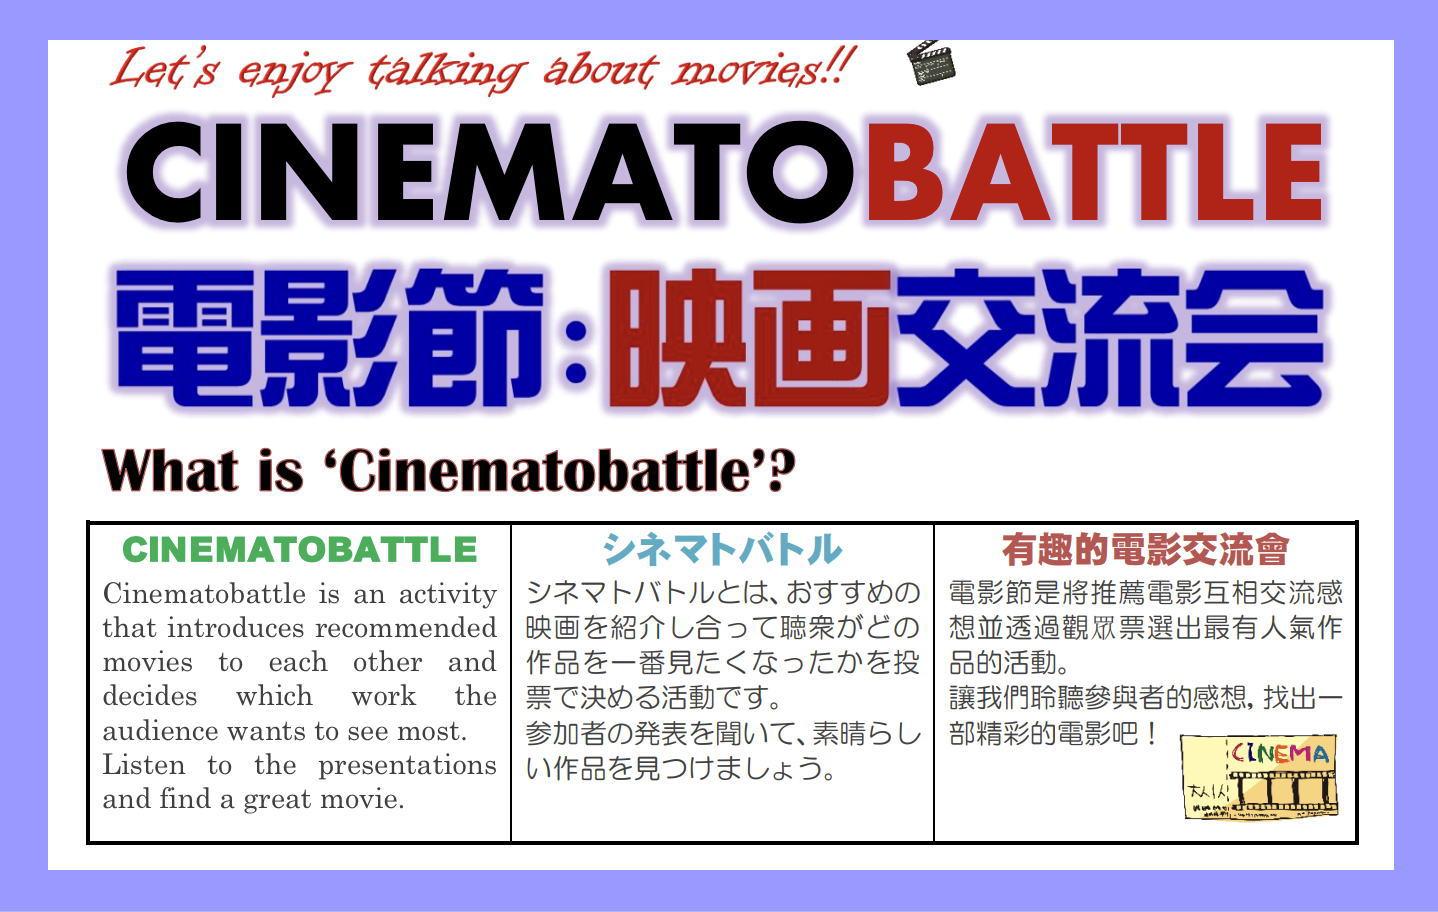 お気に入りの映画を紹介する活動「シネマトバトル」〔受け身〕